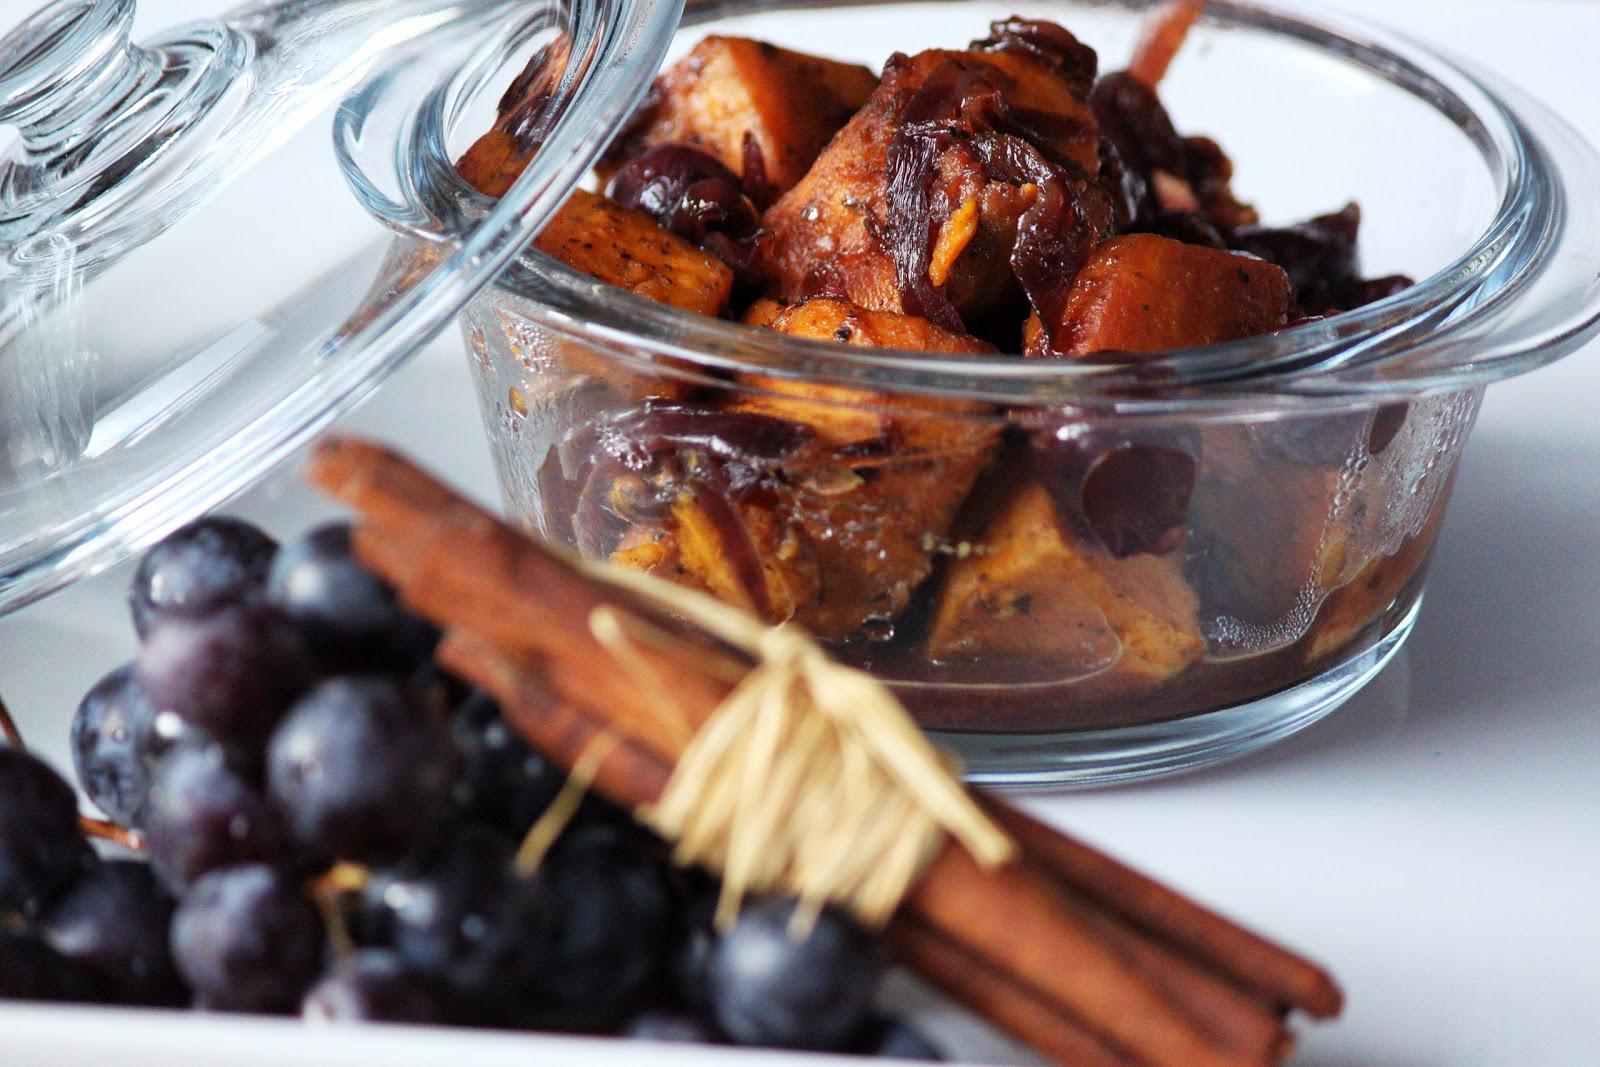 Tajine de patates douces et raisins noirs sof vous invite - Plat a tajine electrique ...